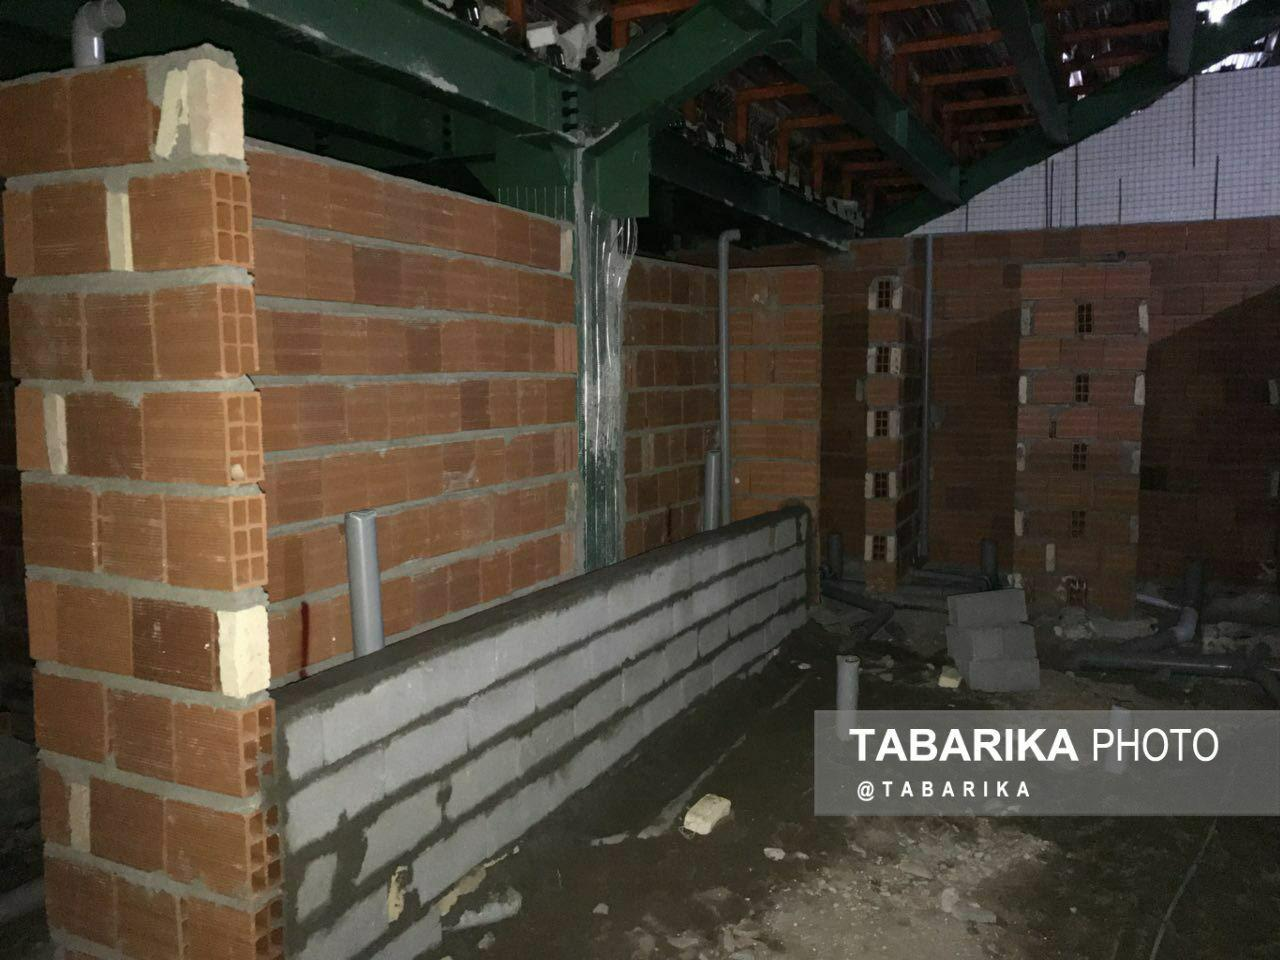 گزارشی از آخرین وضعیت ساخت و ساز زیر سکوی شرقی + عکس